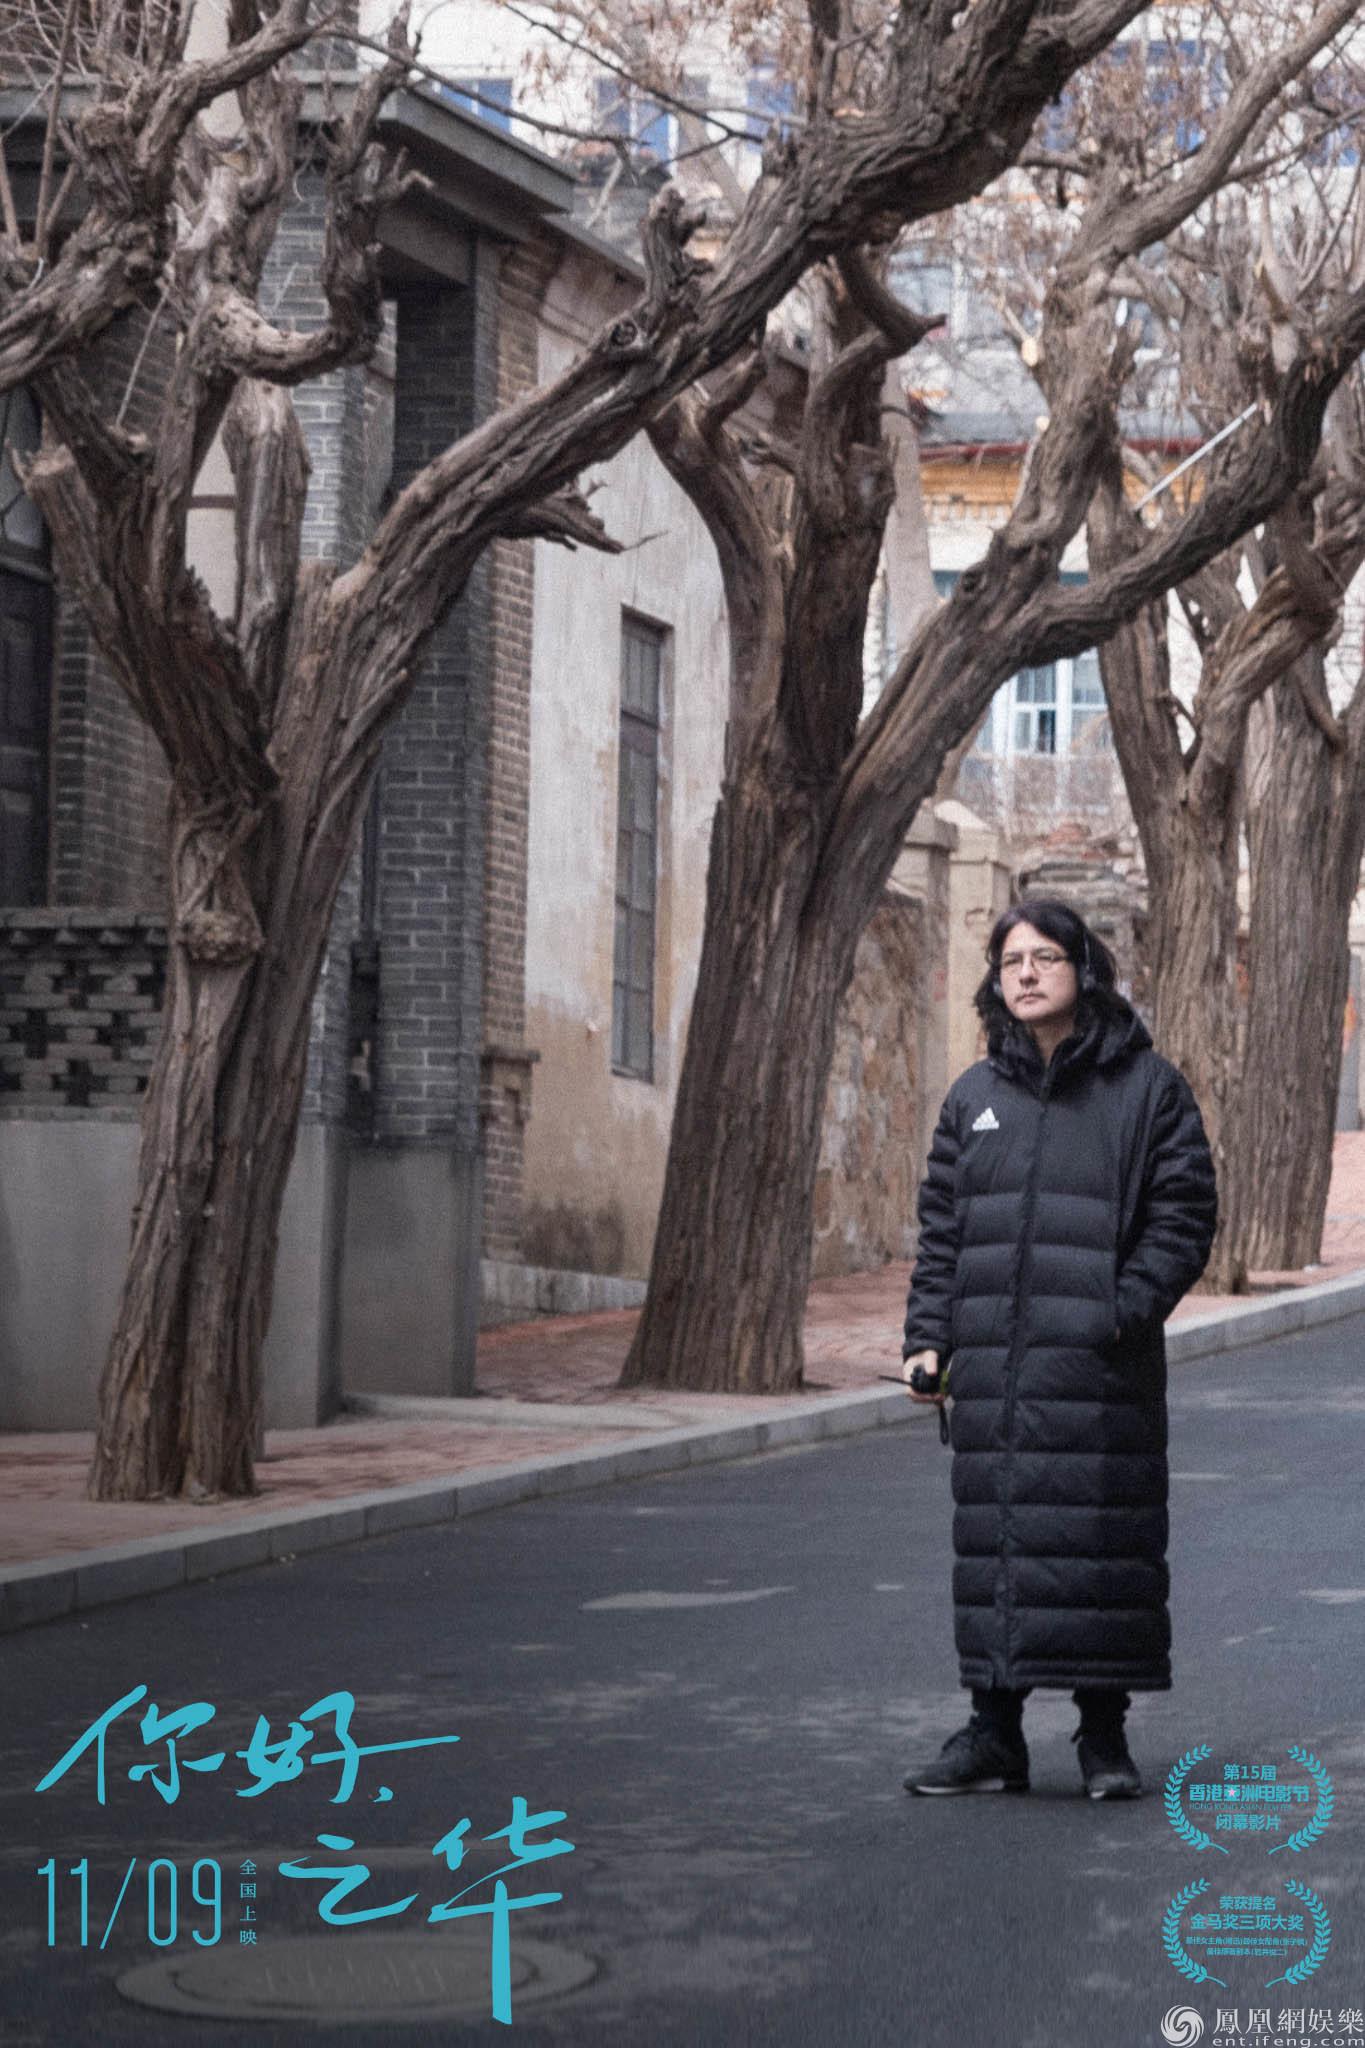 《你好,之华》导演特辑首曝幕后 陈可辛周迅主创对话